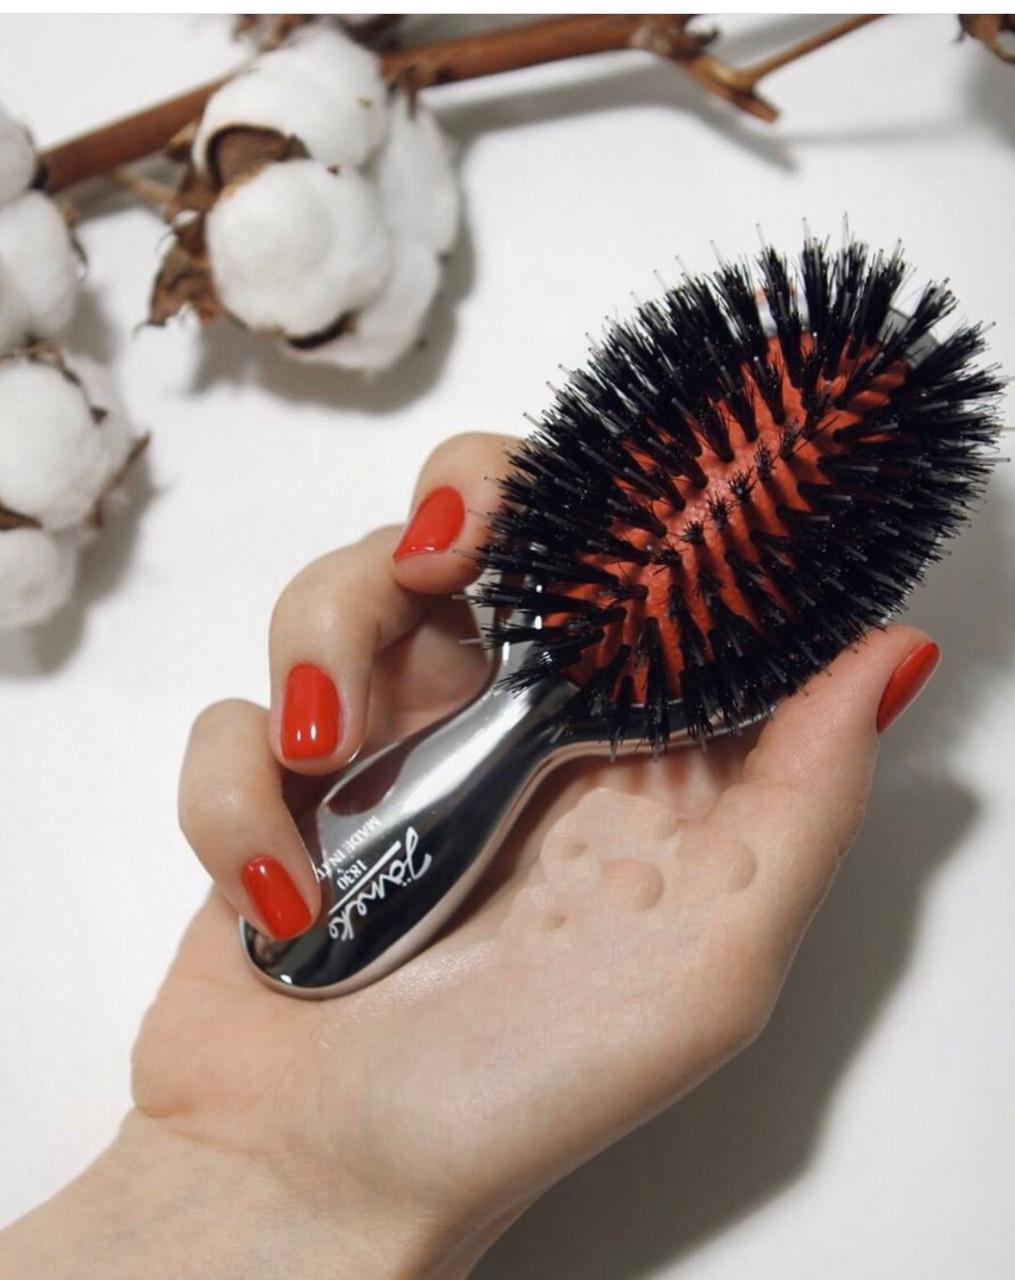 Janeke расческа для волос черная с натуральной щетиной кабана